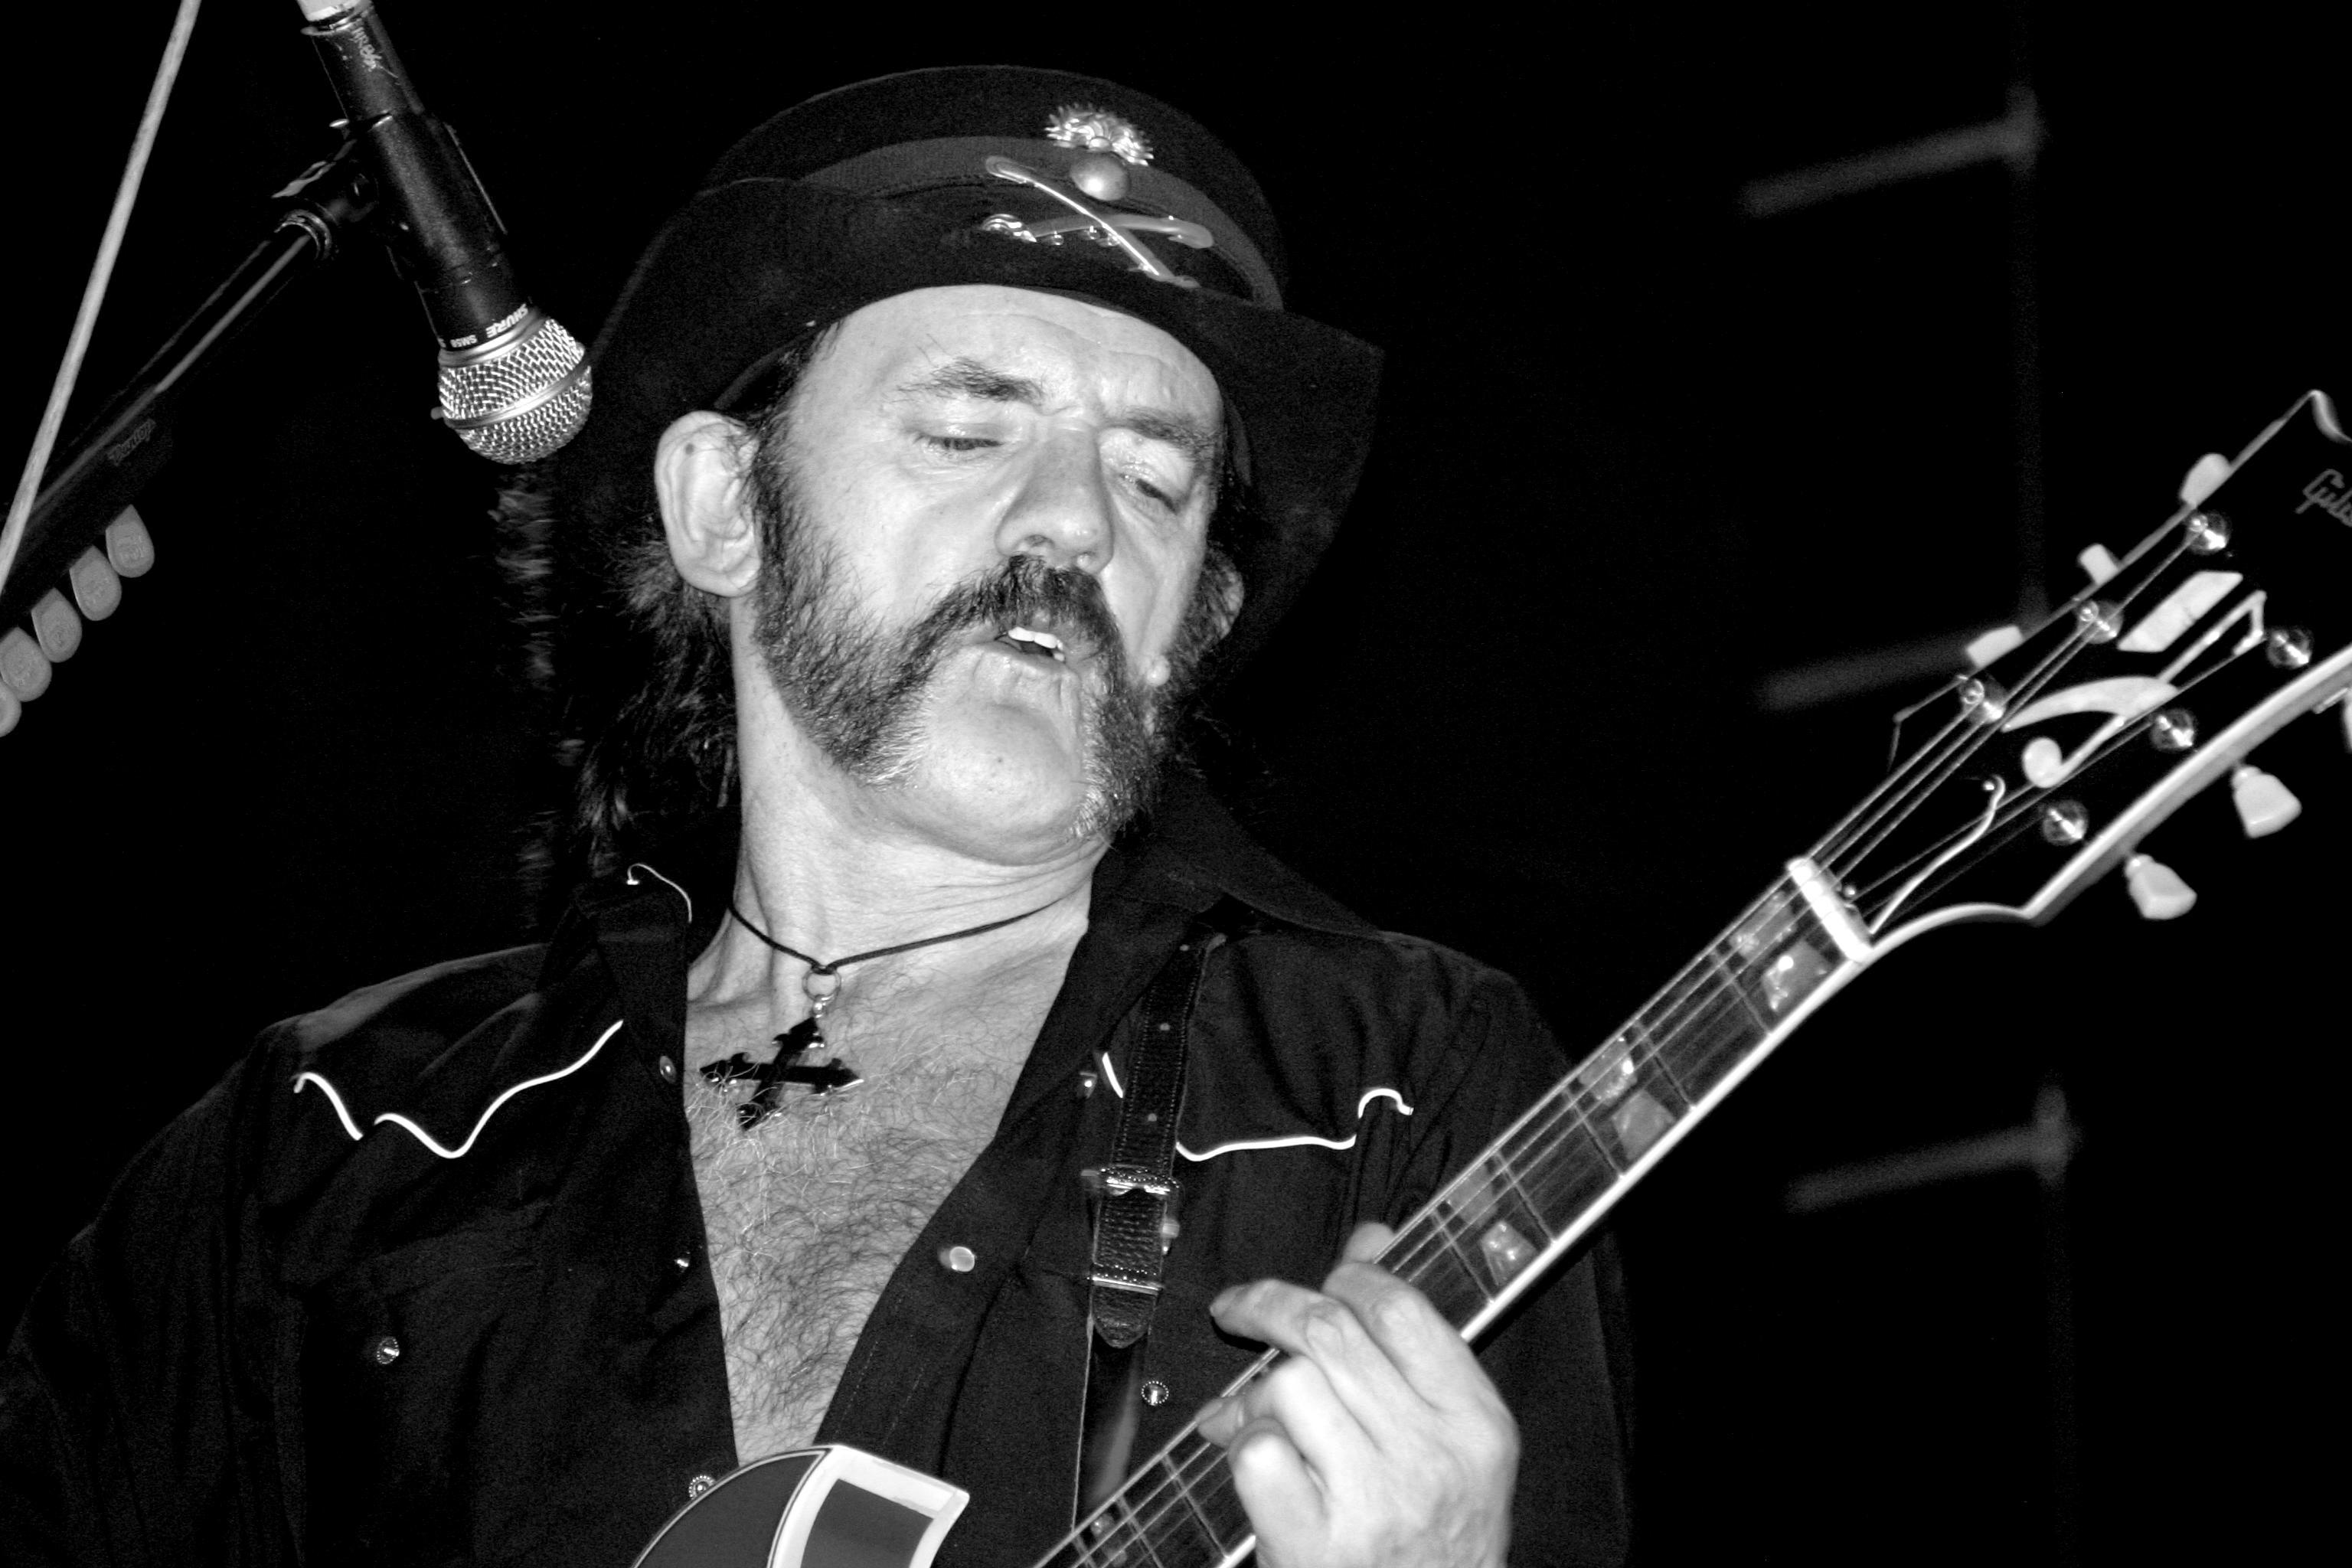 Zmarł Lemmy Kilmister, frontman zespołu Motörhead